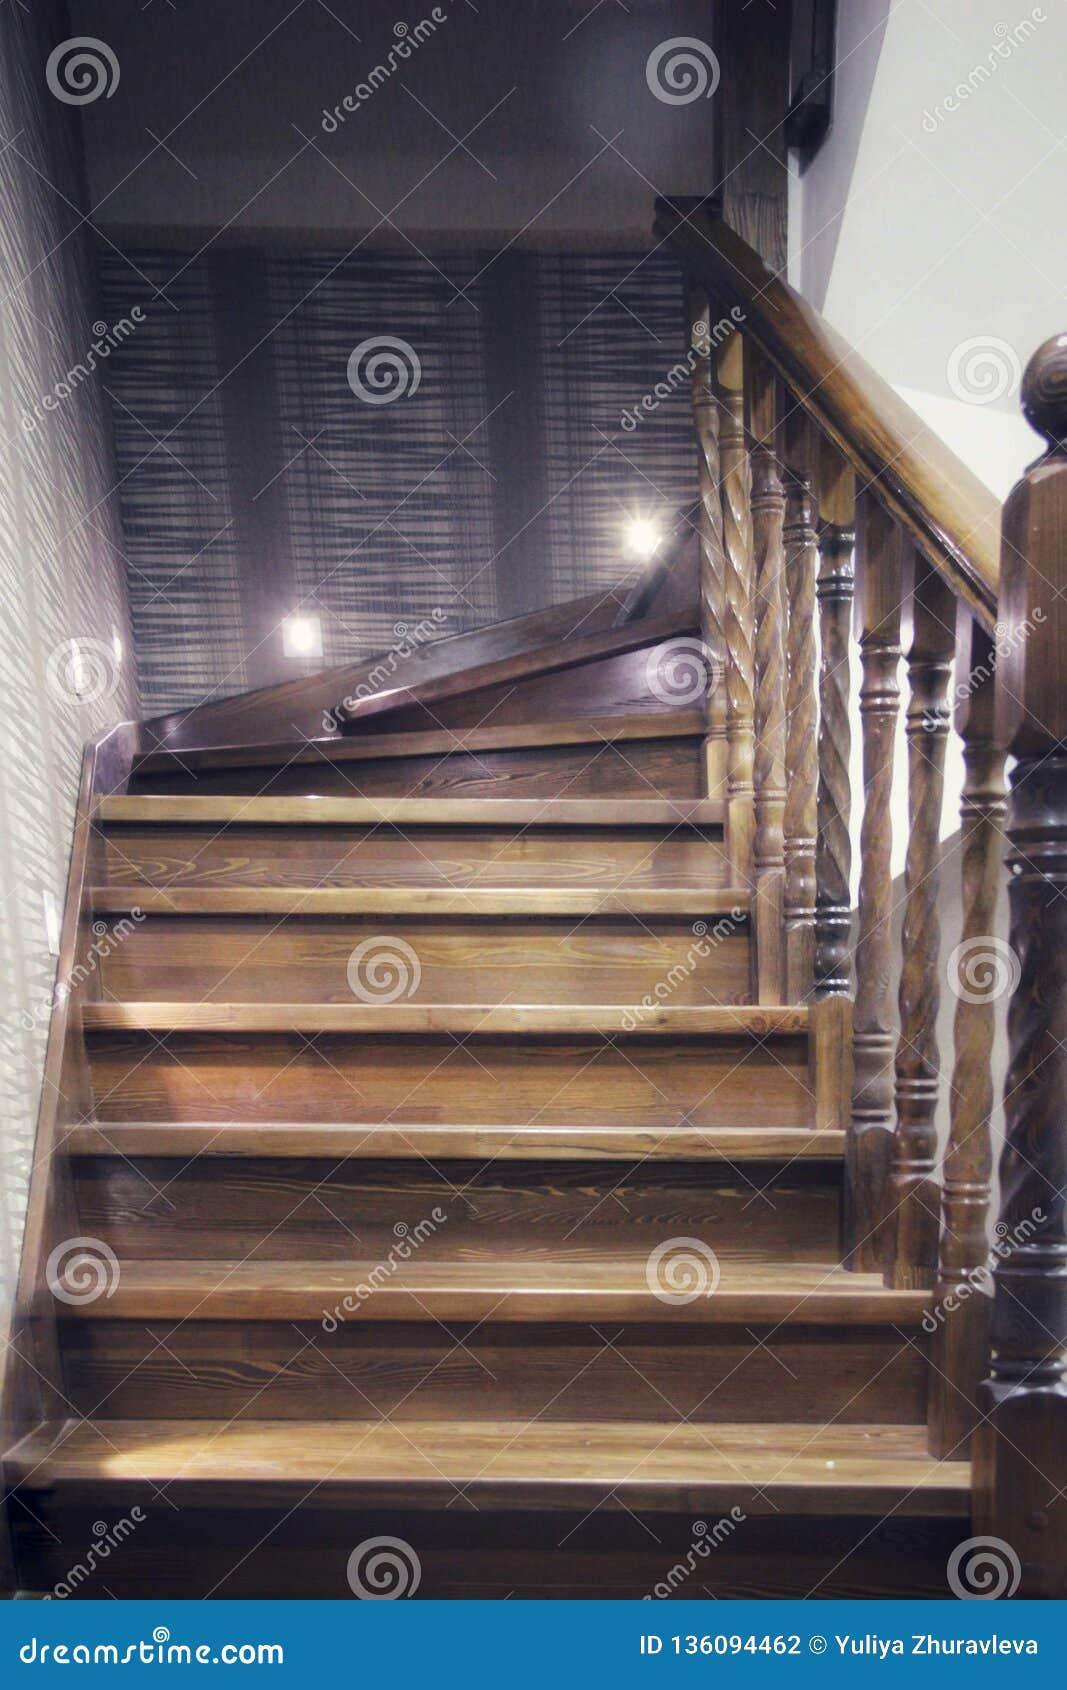 Elementi delle scale di legno, con i corrimani scolpiti progettazione d accensione stilistica tecnologica in un interno classico